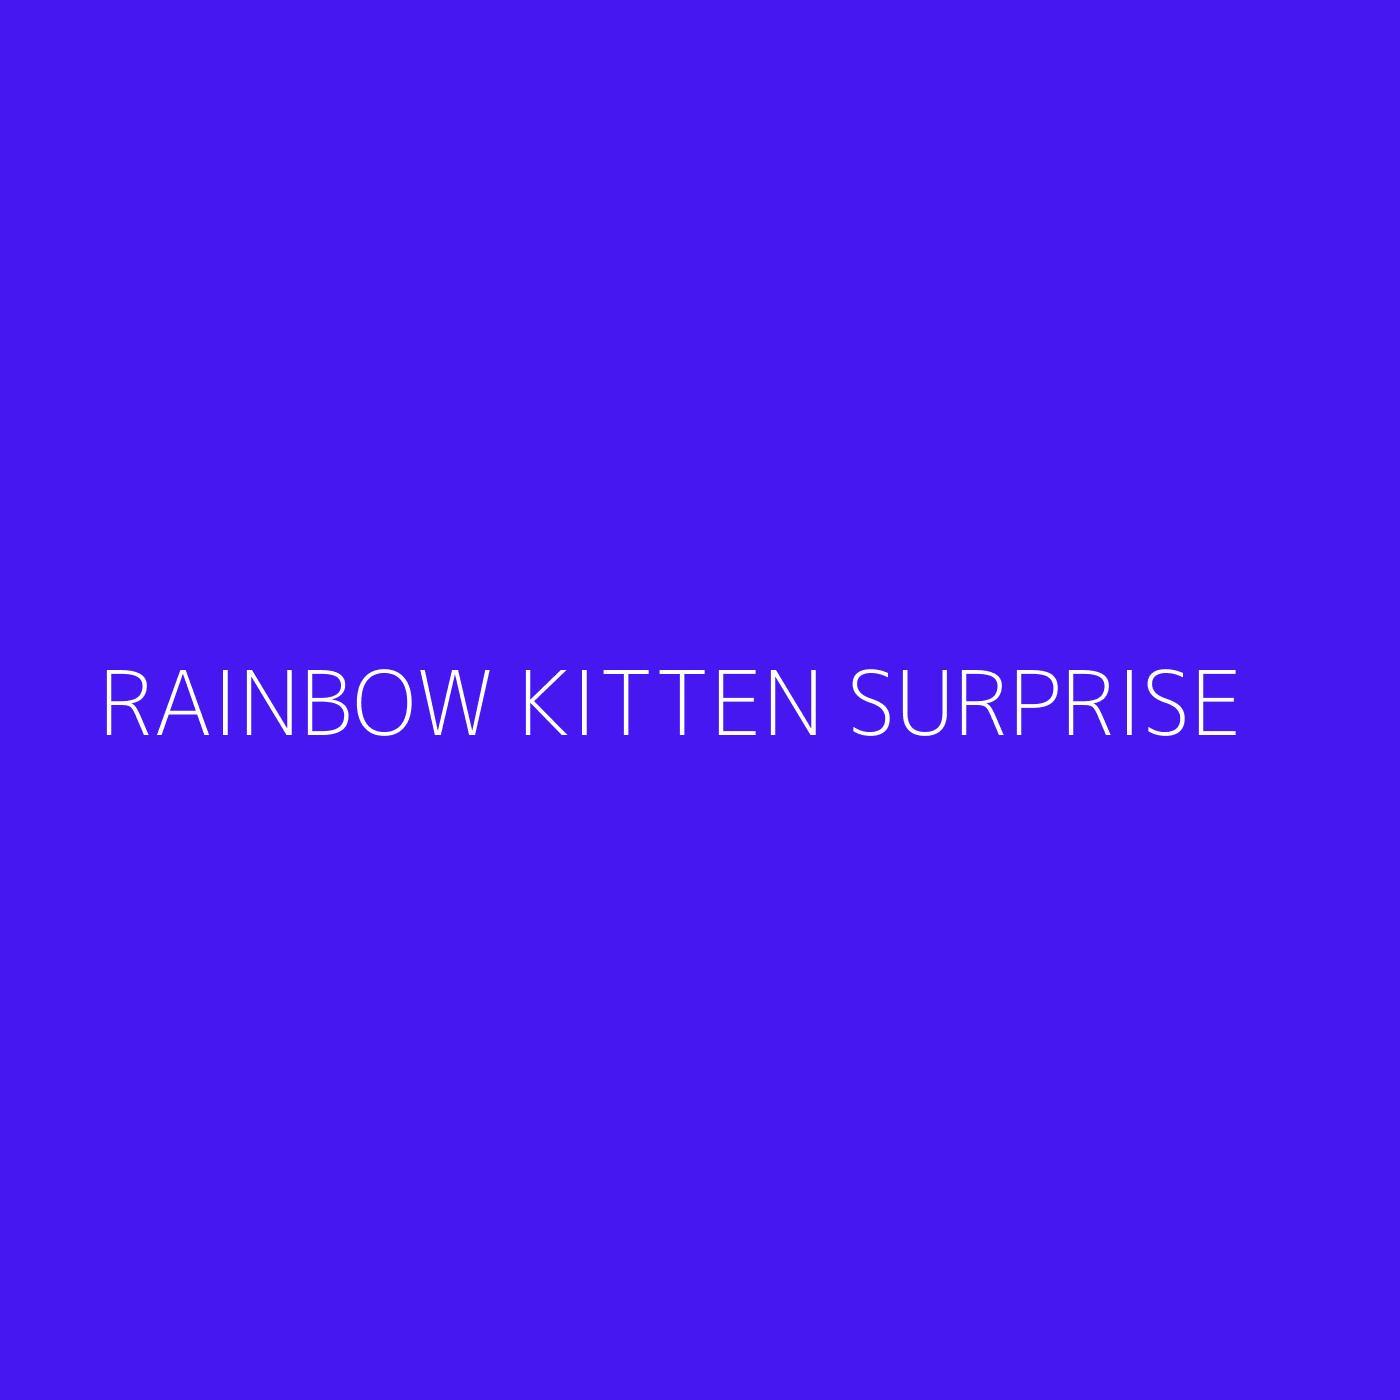 Rainbow Kitten Surprise Playlist Artwork